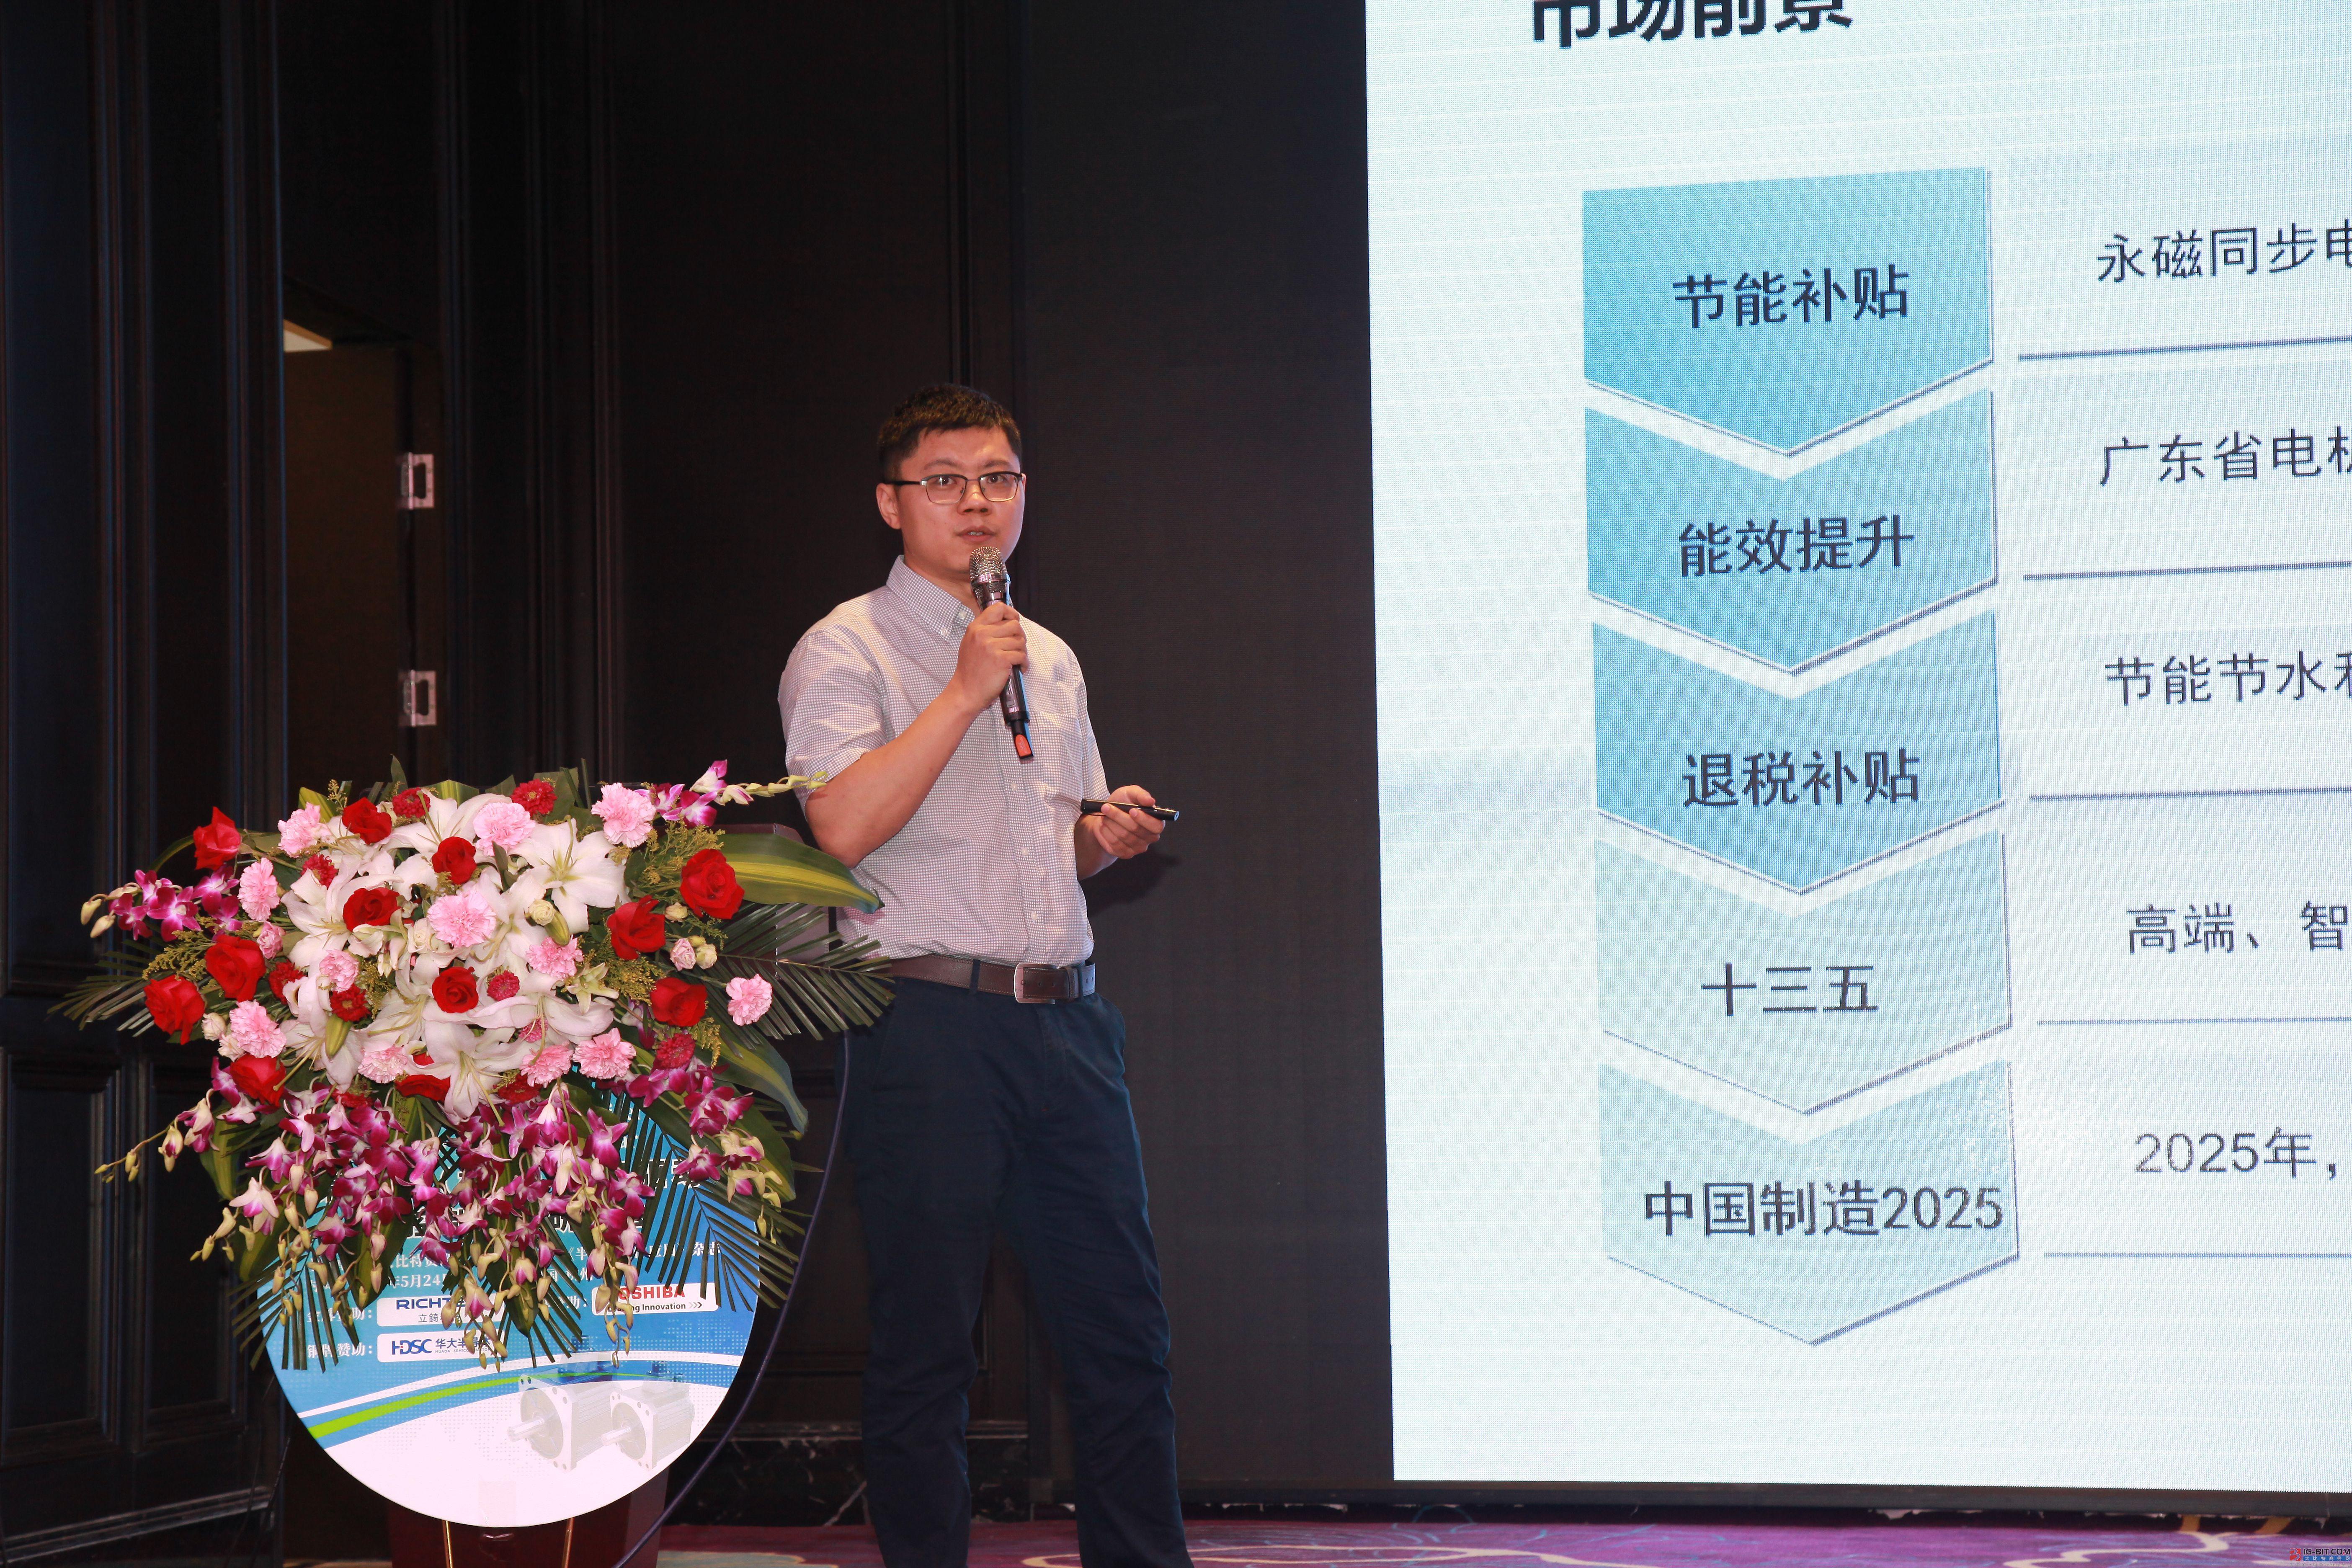 """450名精英汇聚 """"第十届(杭州)电机驱动与控制技术研讨会""""圆满落幕"""